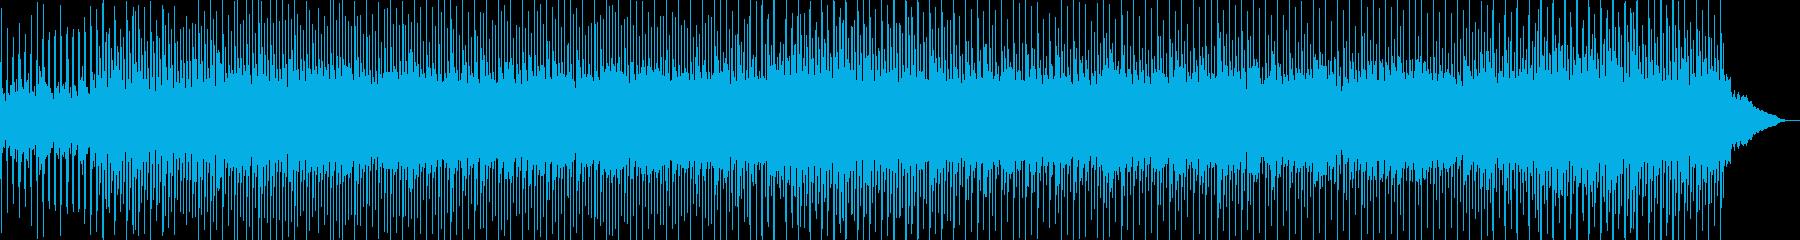 ふわっと軽やかなギターポップの再生済みの波形